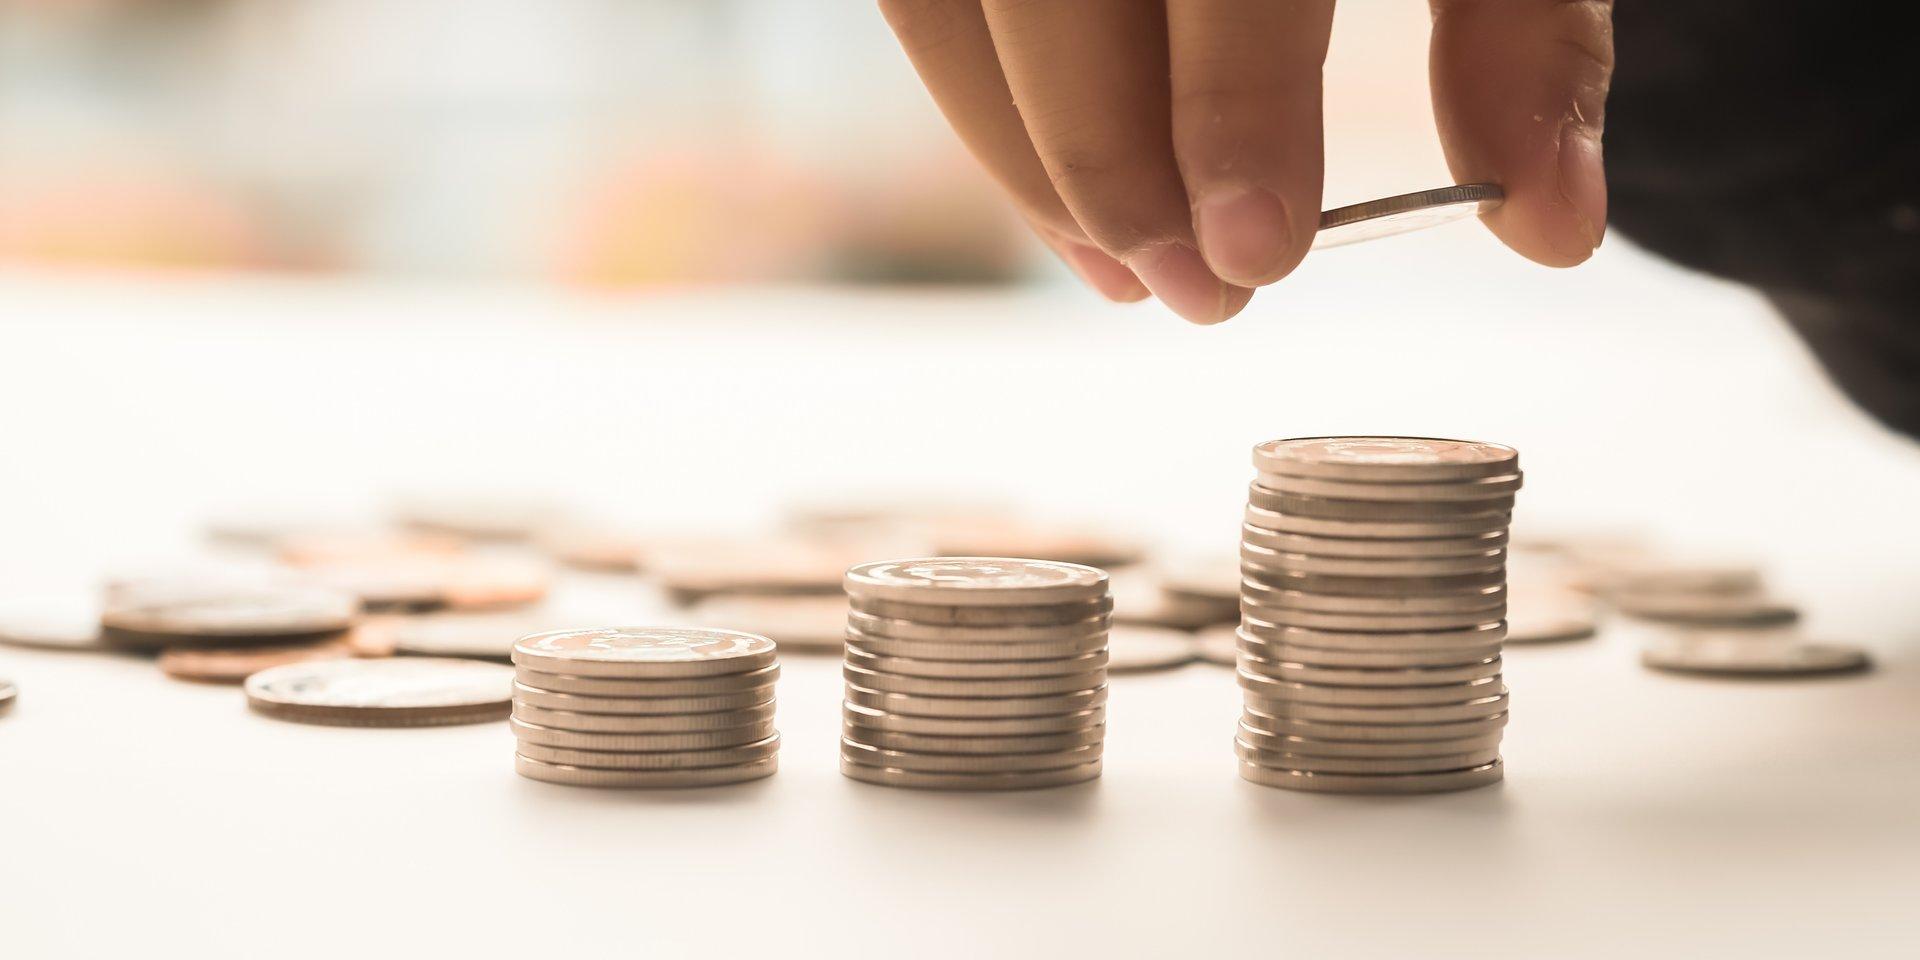 Czekamy na dane o inflacji i koniunkturze